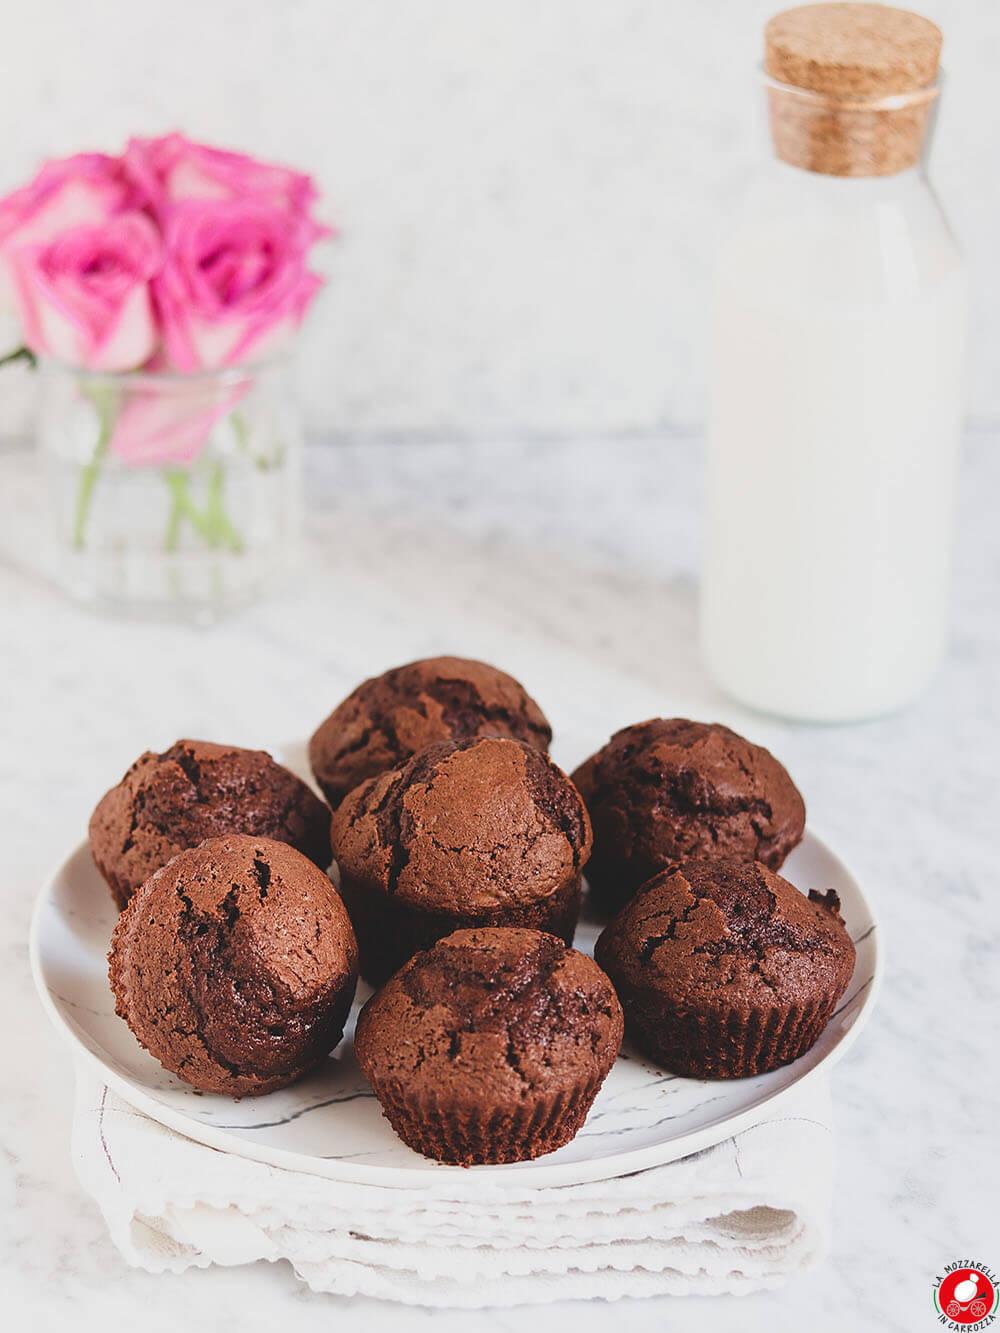 La Mozzarella In Carrozza - Muffins al cioccolato di California Bakery